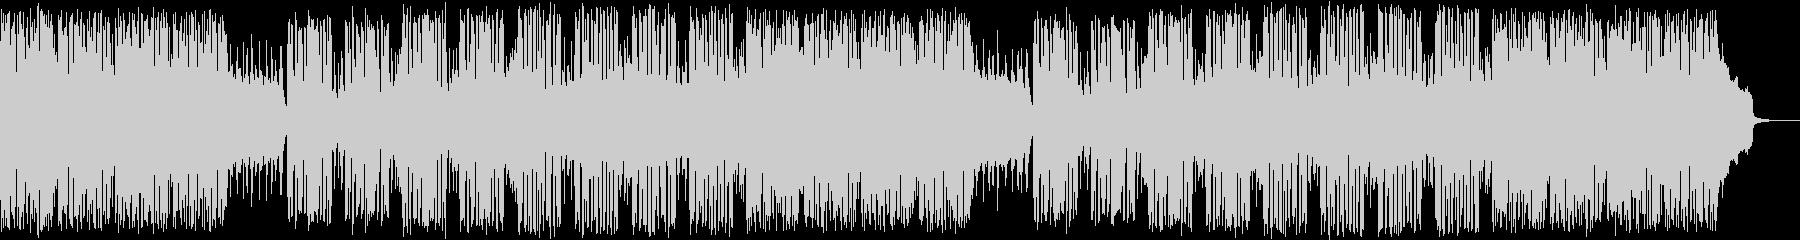 スカ・メロコア・パンク・盛り上がるの未再生の波形